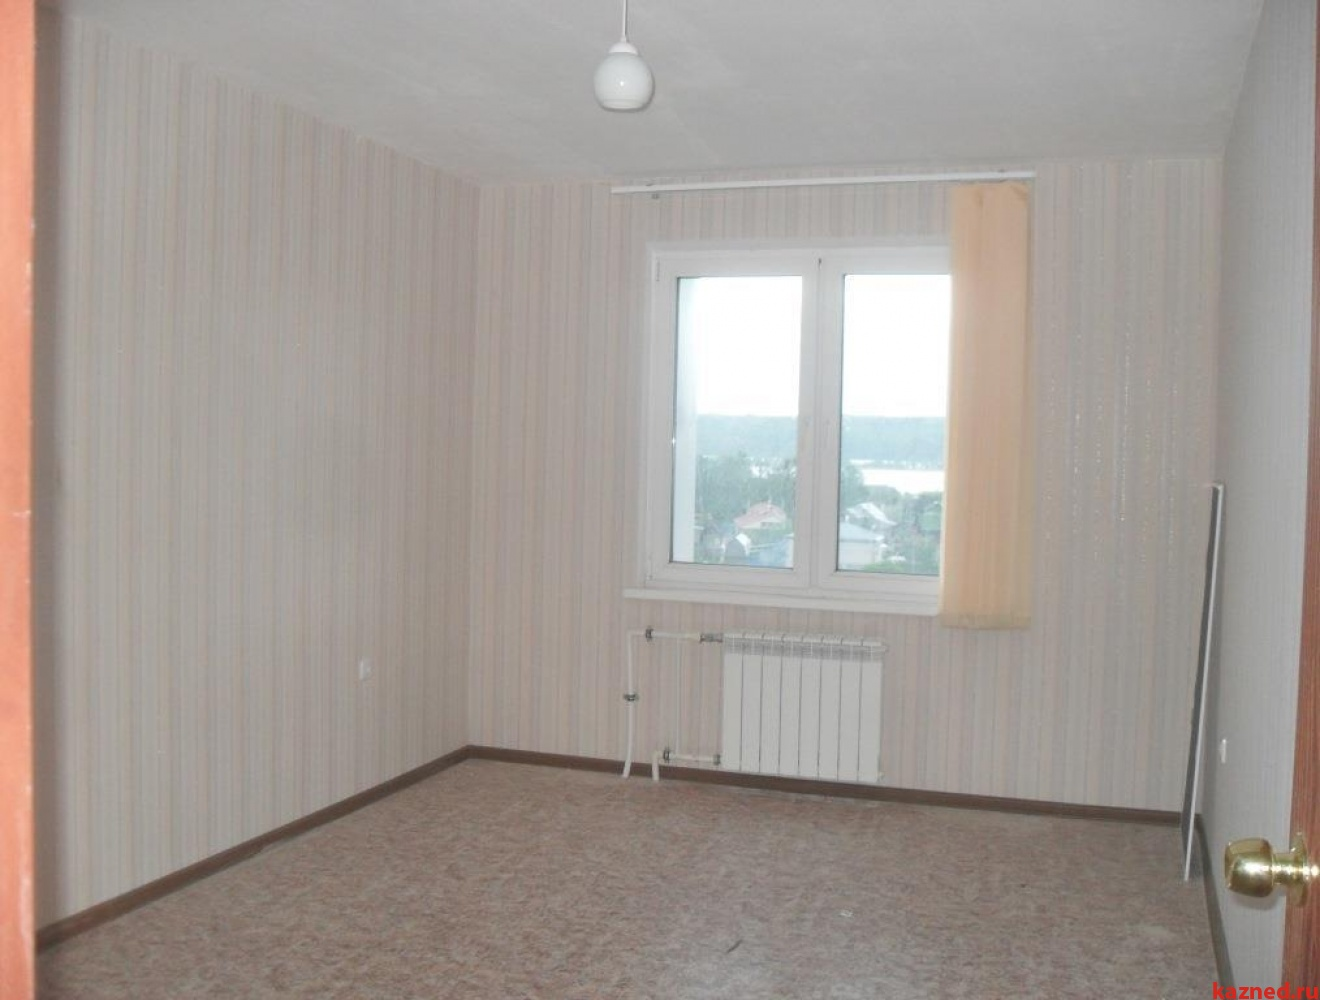 Продажа 2-к квартиры Привокзальная 52, 66 м2  (миниатюра №6)